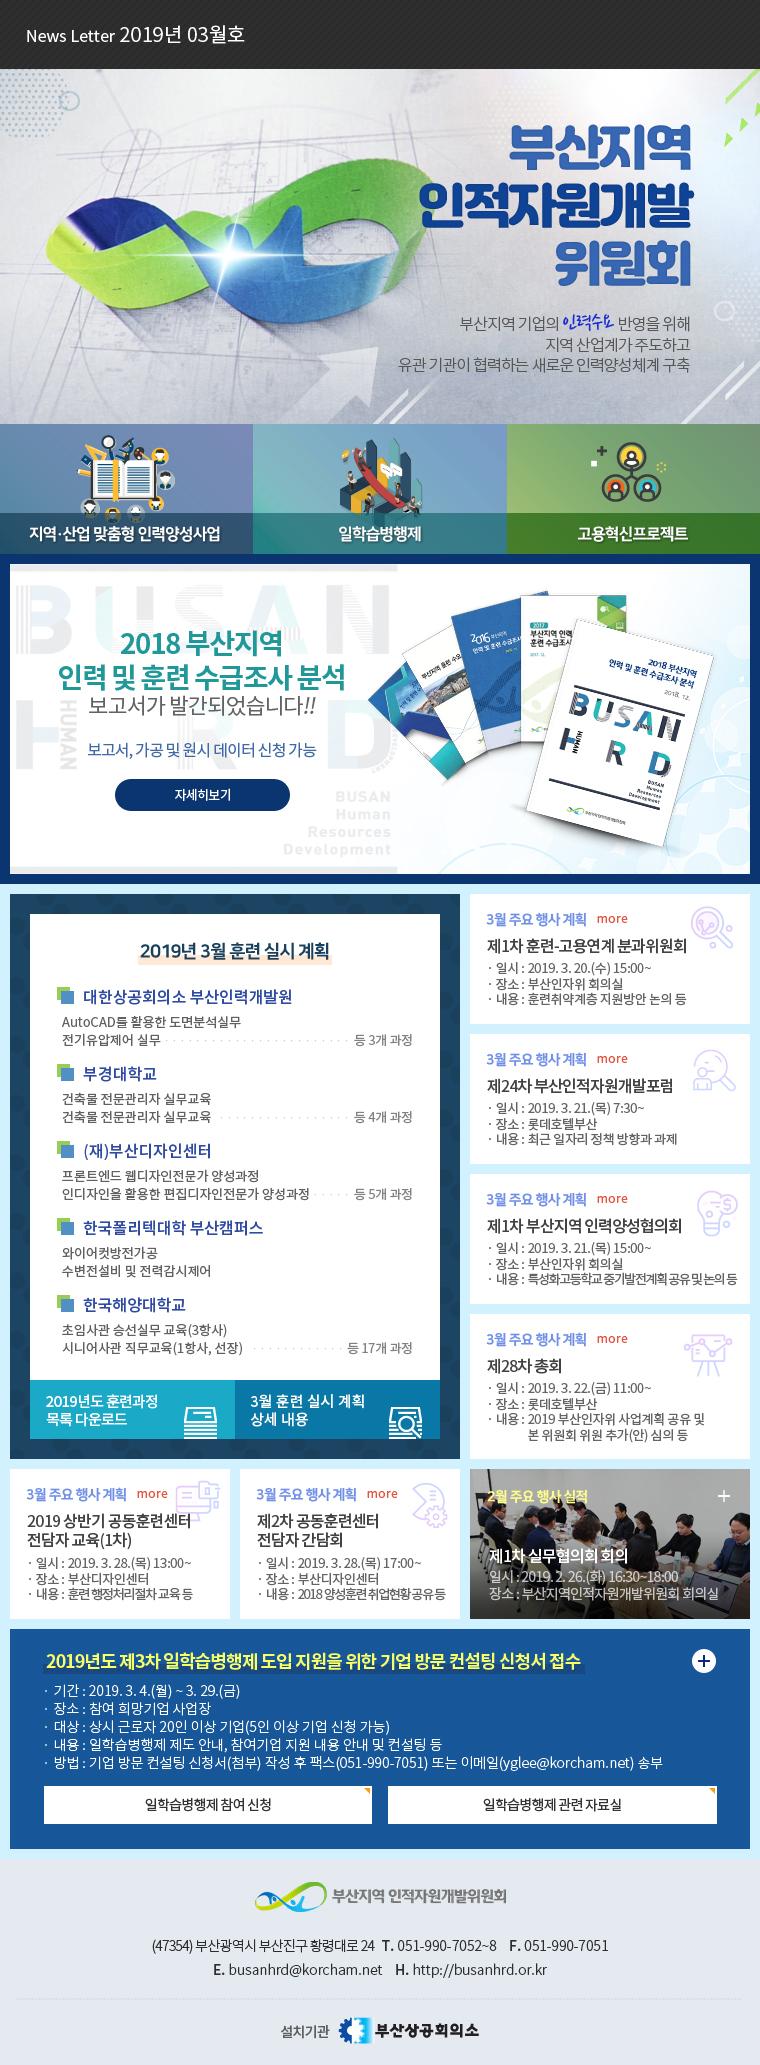 뉴스레터 2019년 03월호